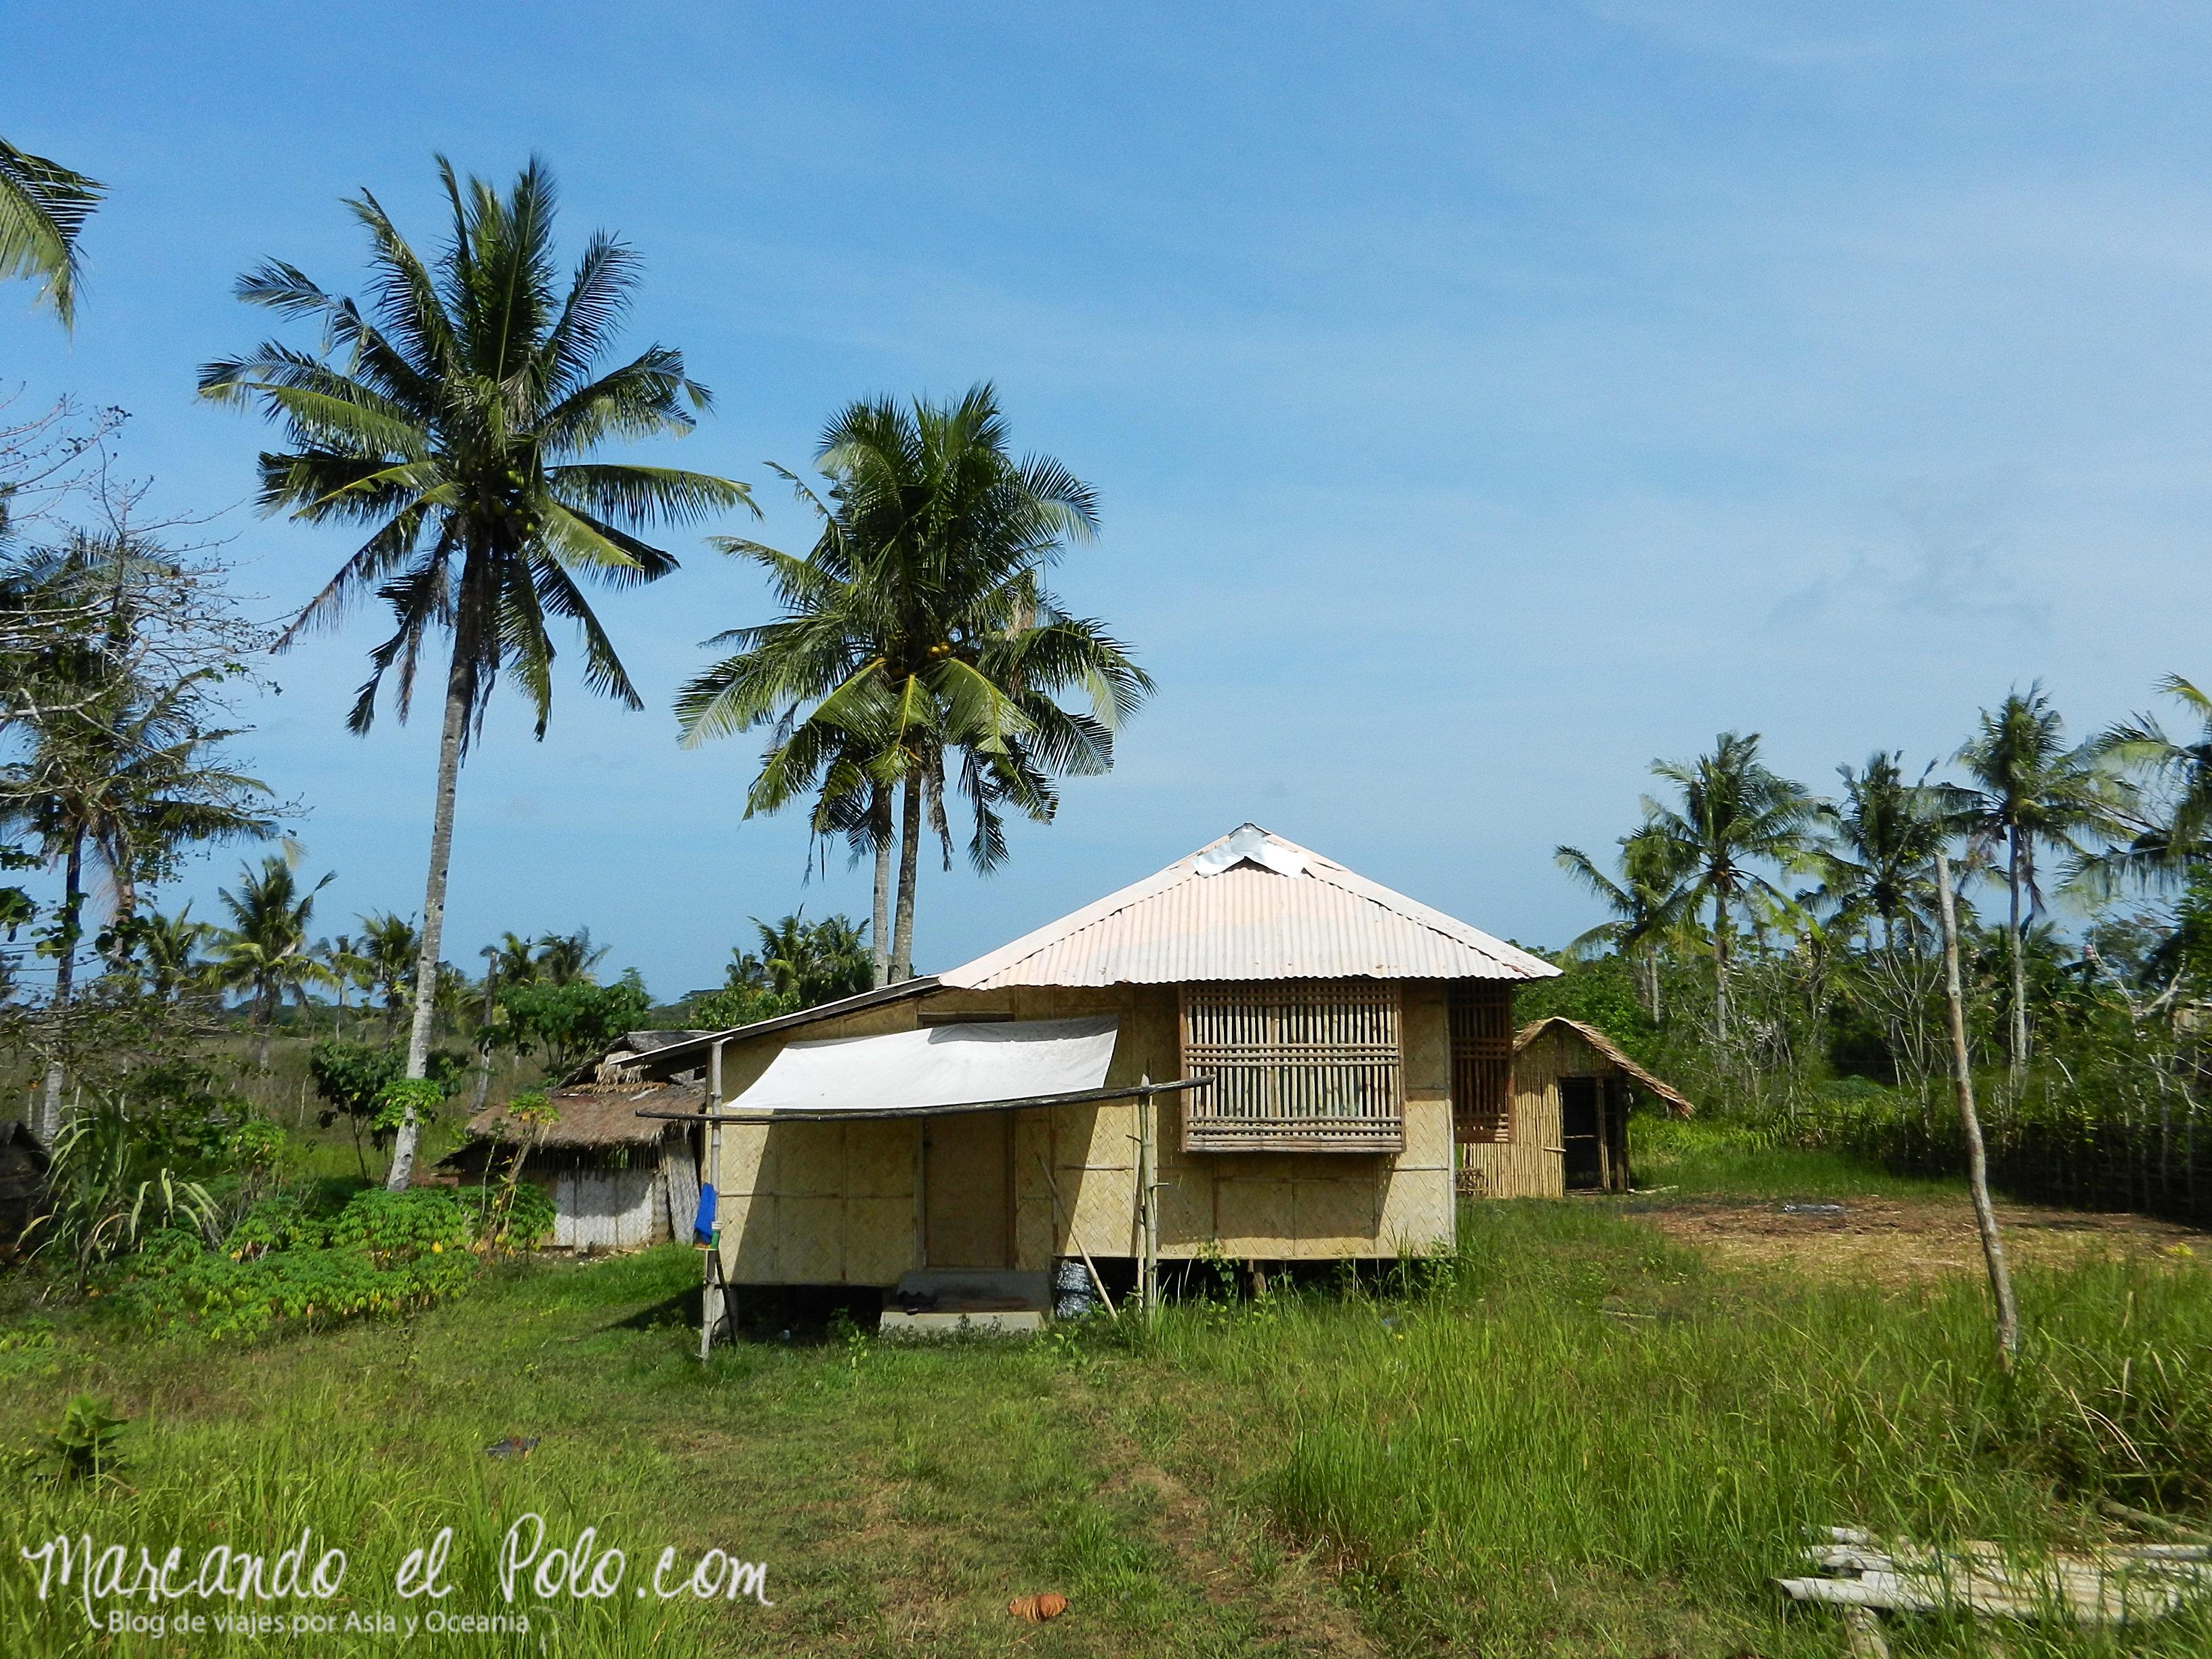 Cárcel sin rejas, Filipinas: casa interno mínima seguridad